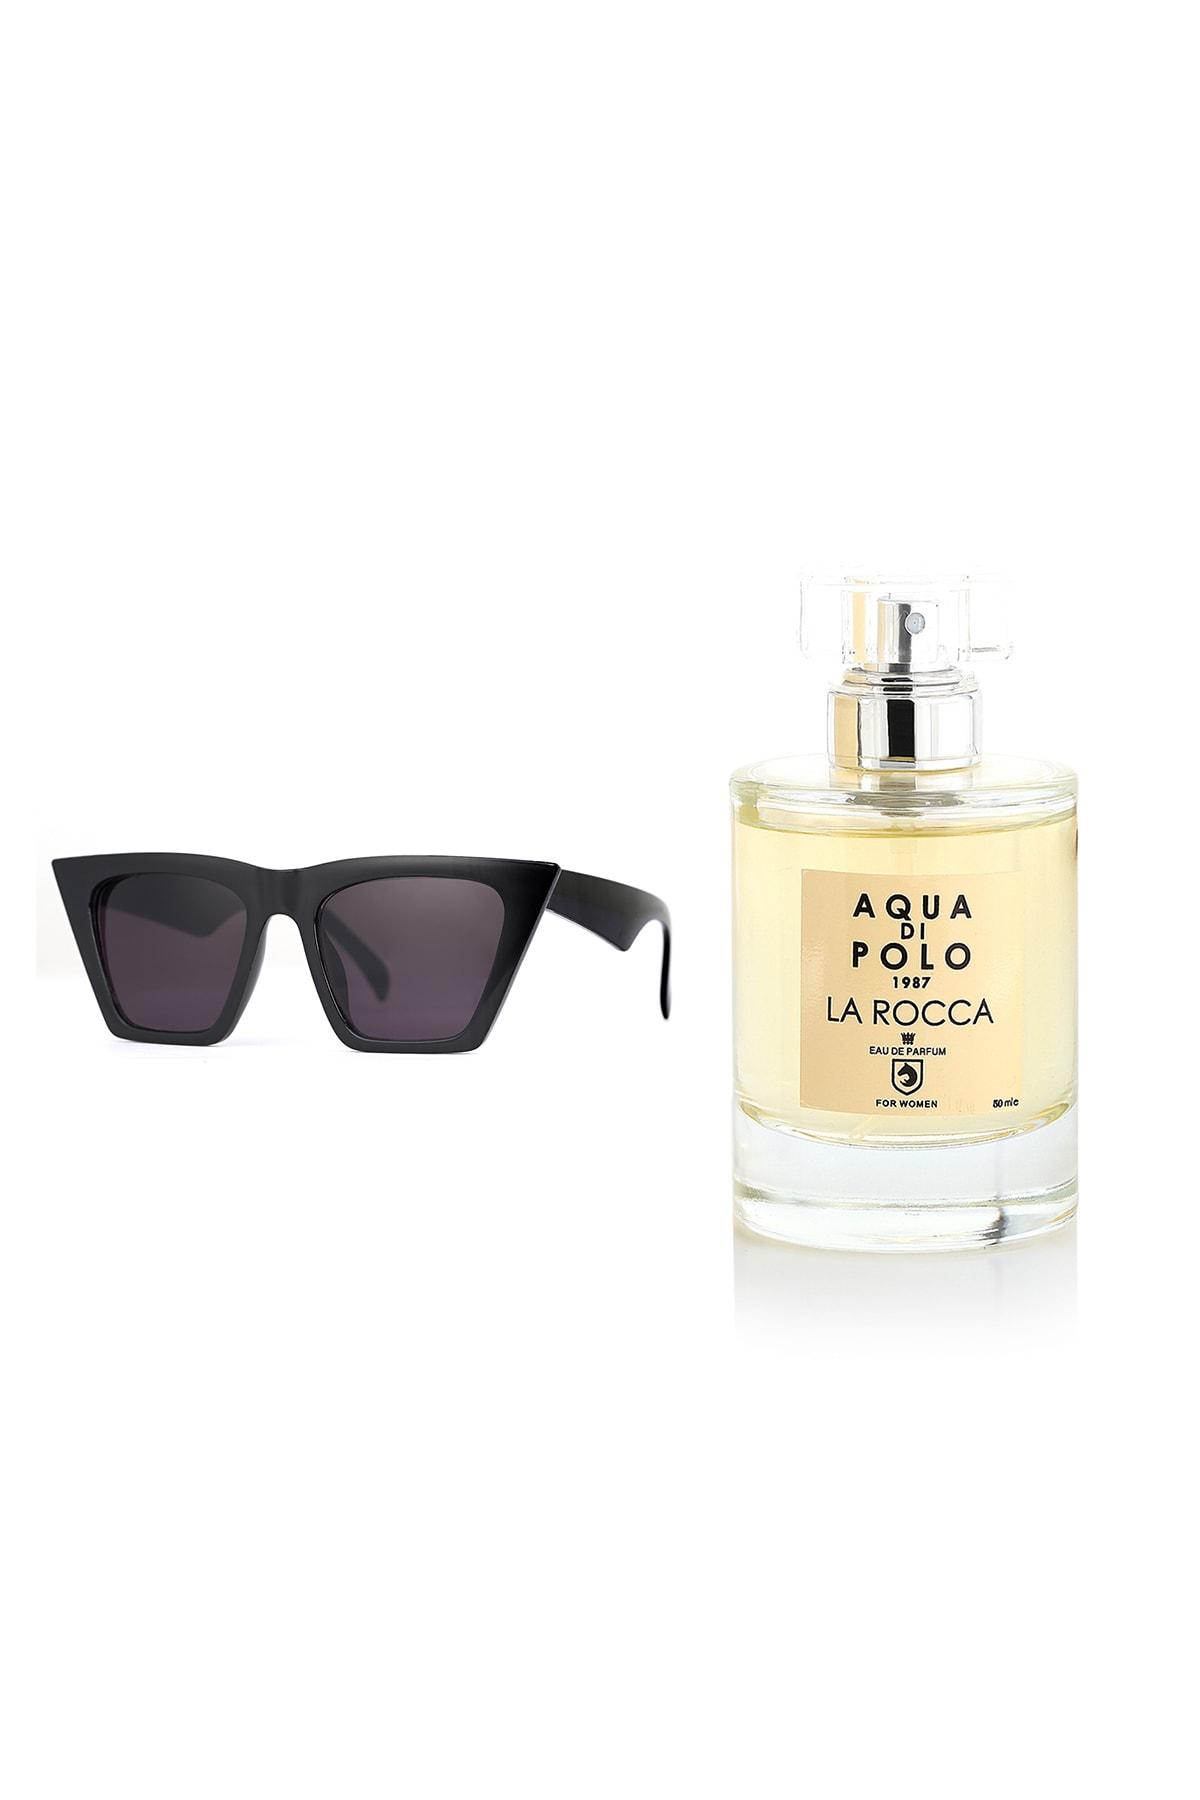 عینک آفتابی شیک زنانه برند Aqua Di Polo 1987 رنگ مشکی کد ty50031614